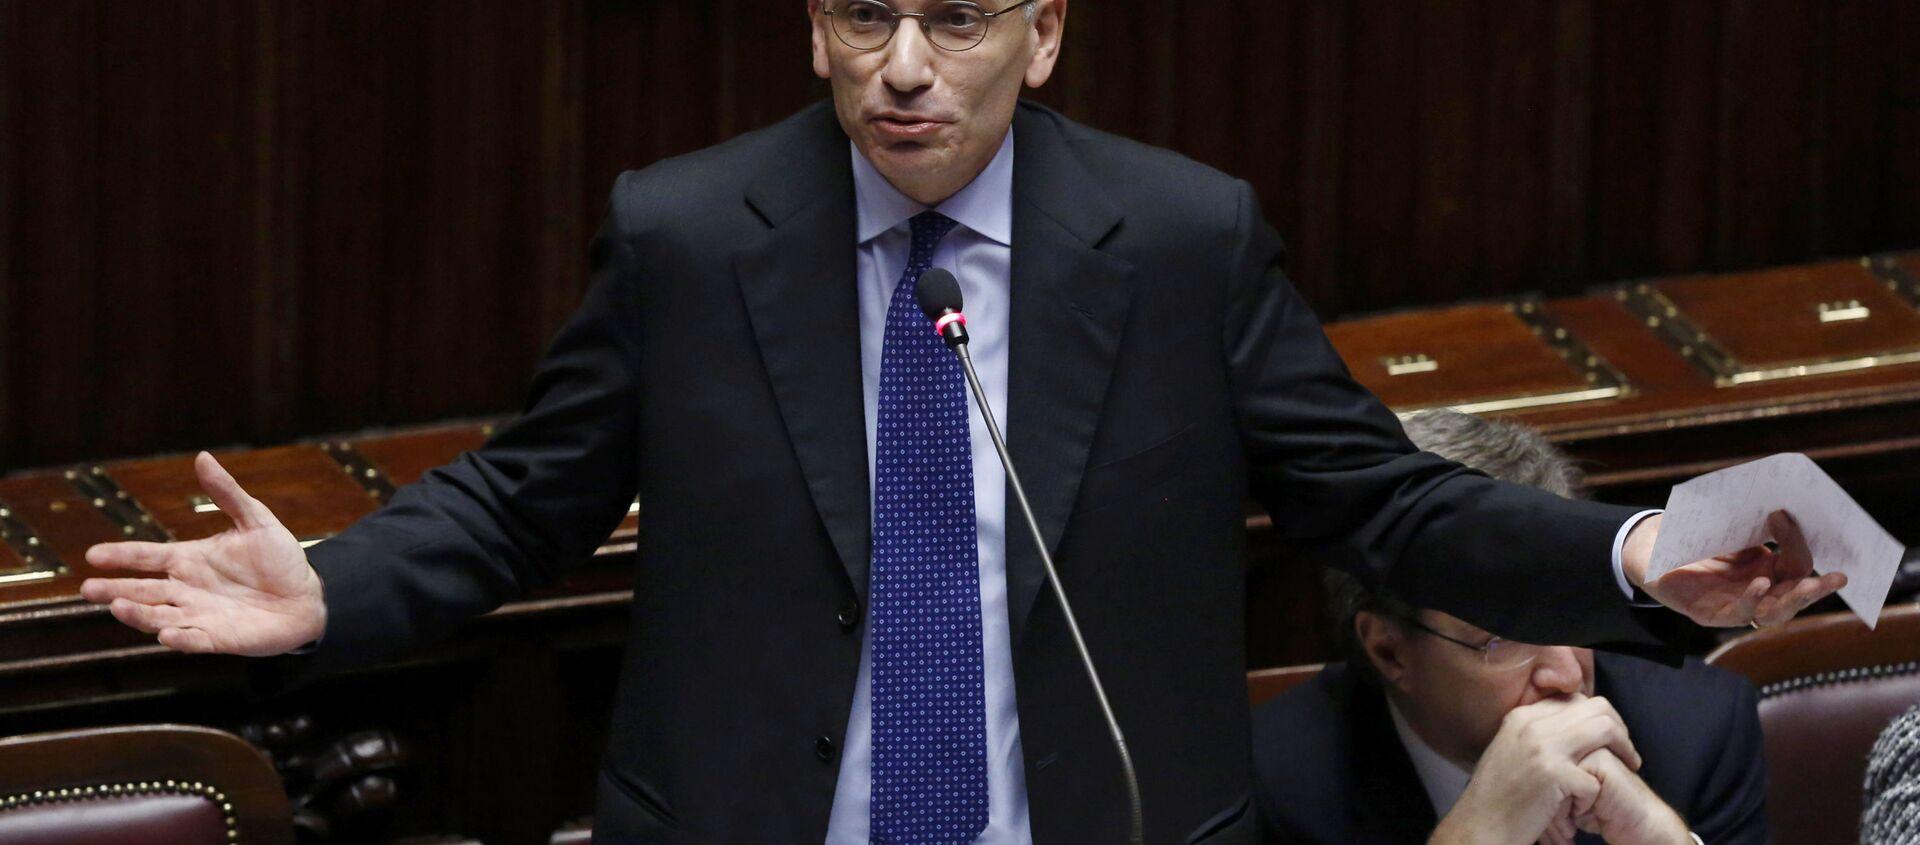 Enrico Letta, segretario del Partito Democratico - Sputnik Italia, 1920, 12.05.2021